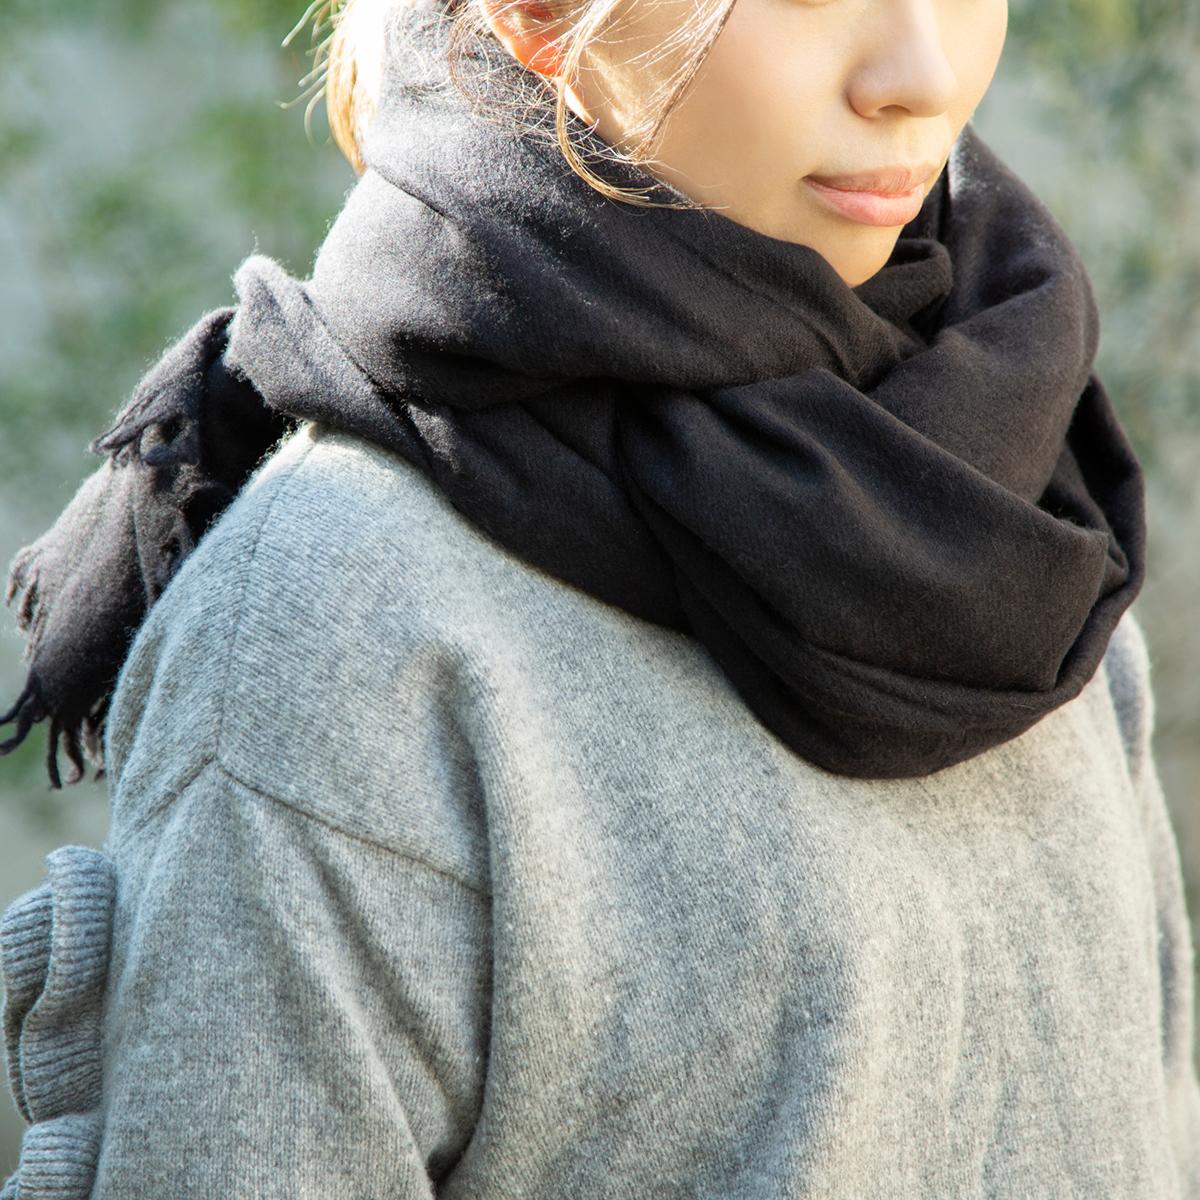 首に直接巻きつけても、チクチクしたりせず、まるで陽だまりのような、自然な暖かさが続きます。超大判カシミアストール|ADOS(エイドス)curum